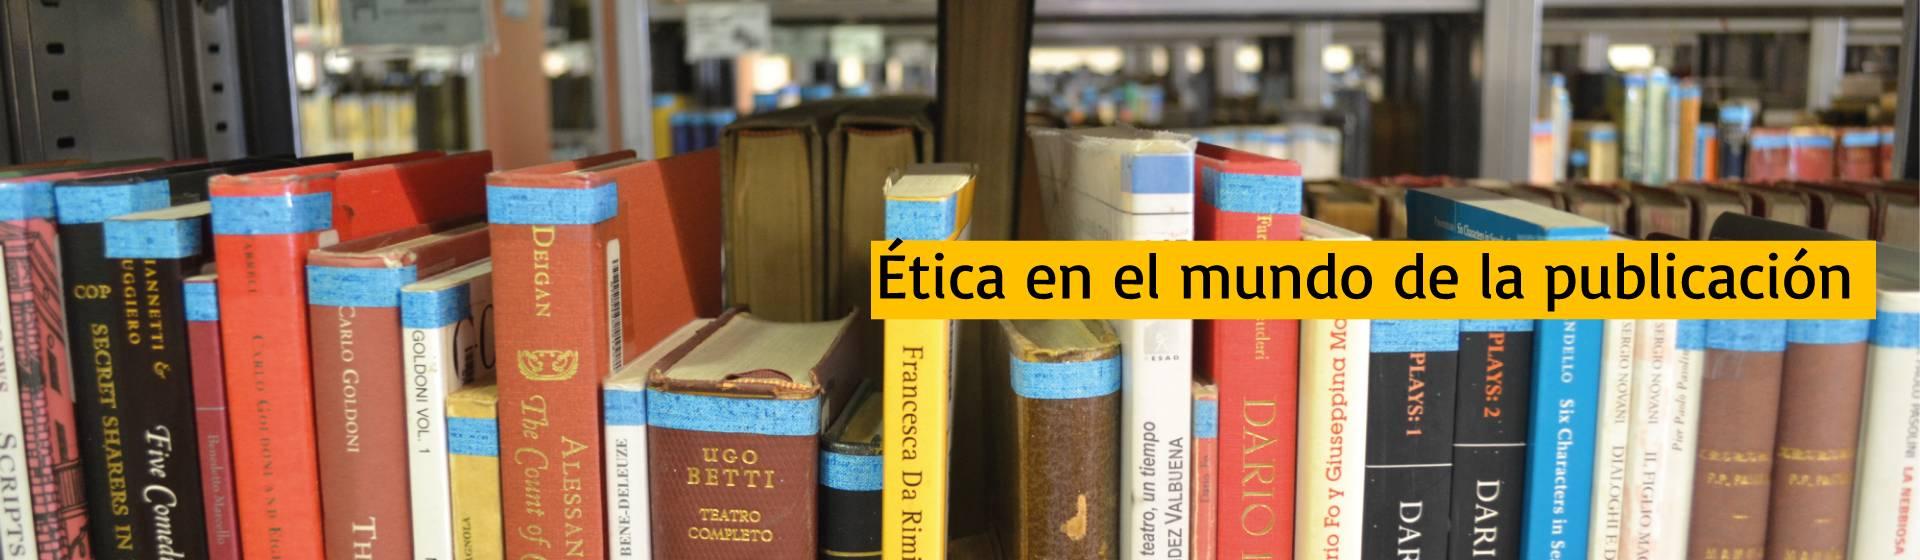 Ética en el mundo de la publicación | Uniandes